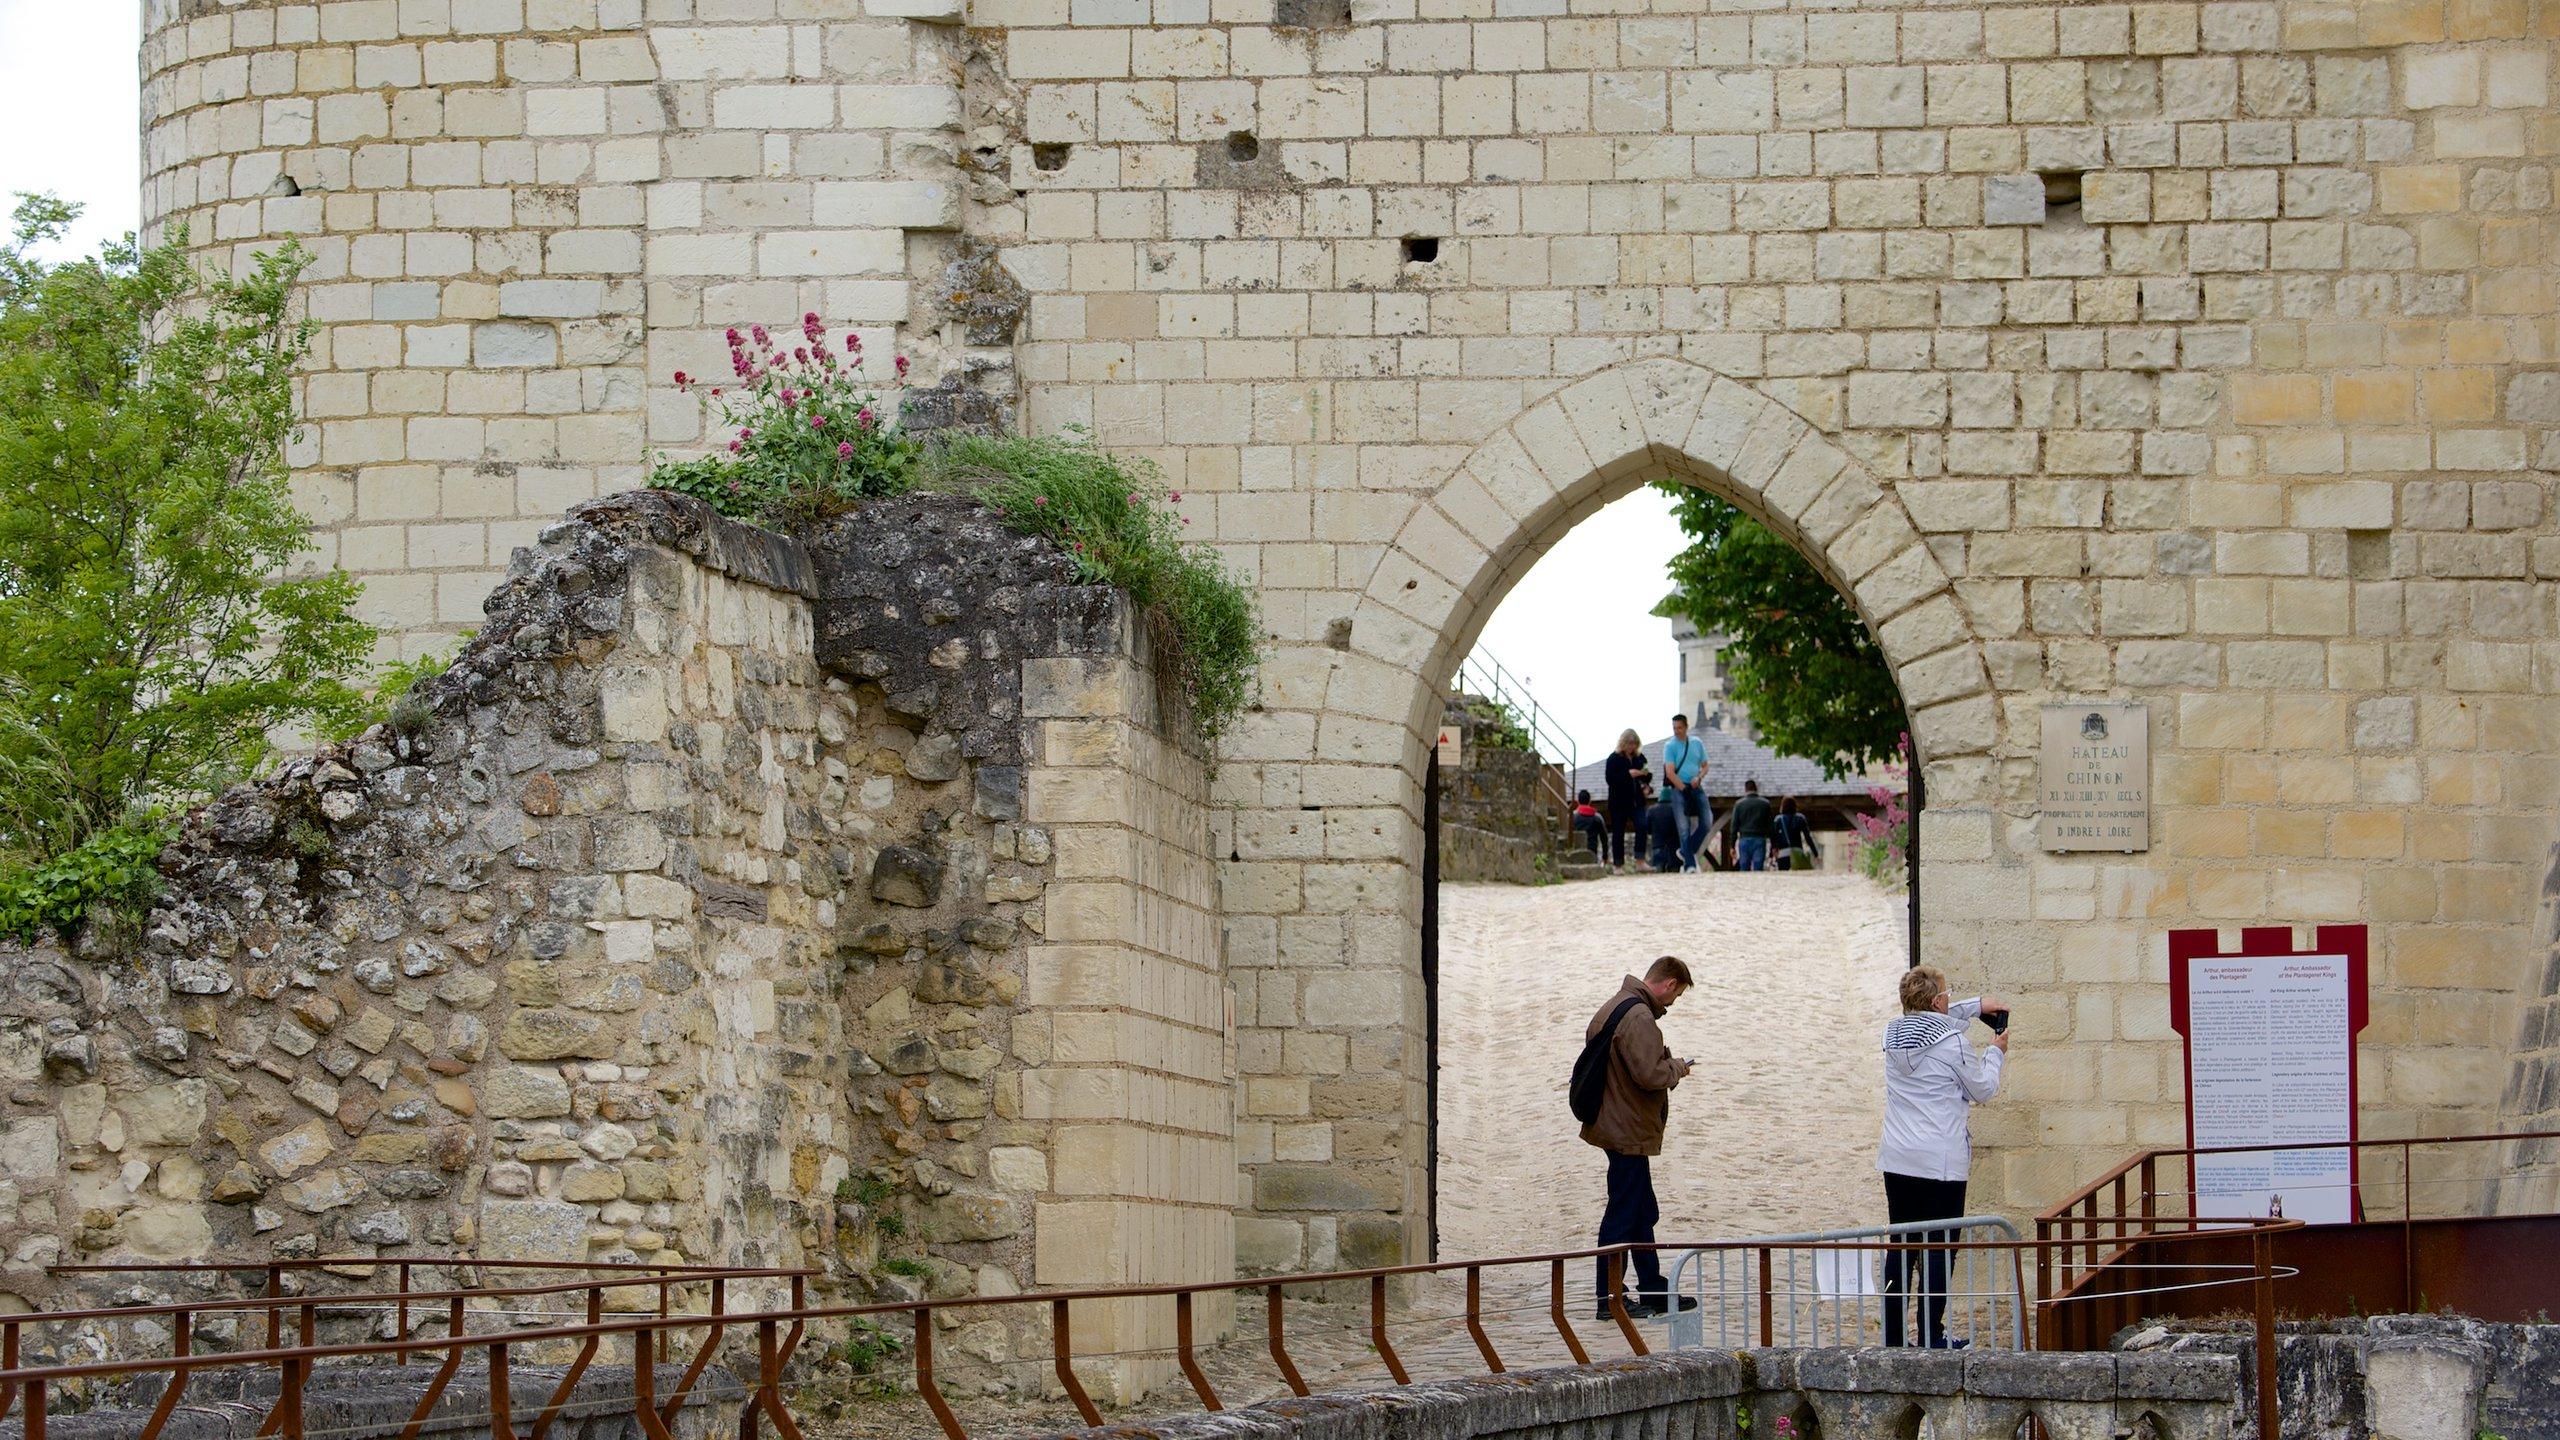 Burg Chinon, Chinon, Département Indre-et-Loire, Frankreich